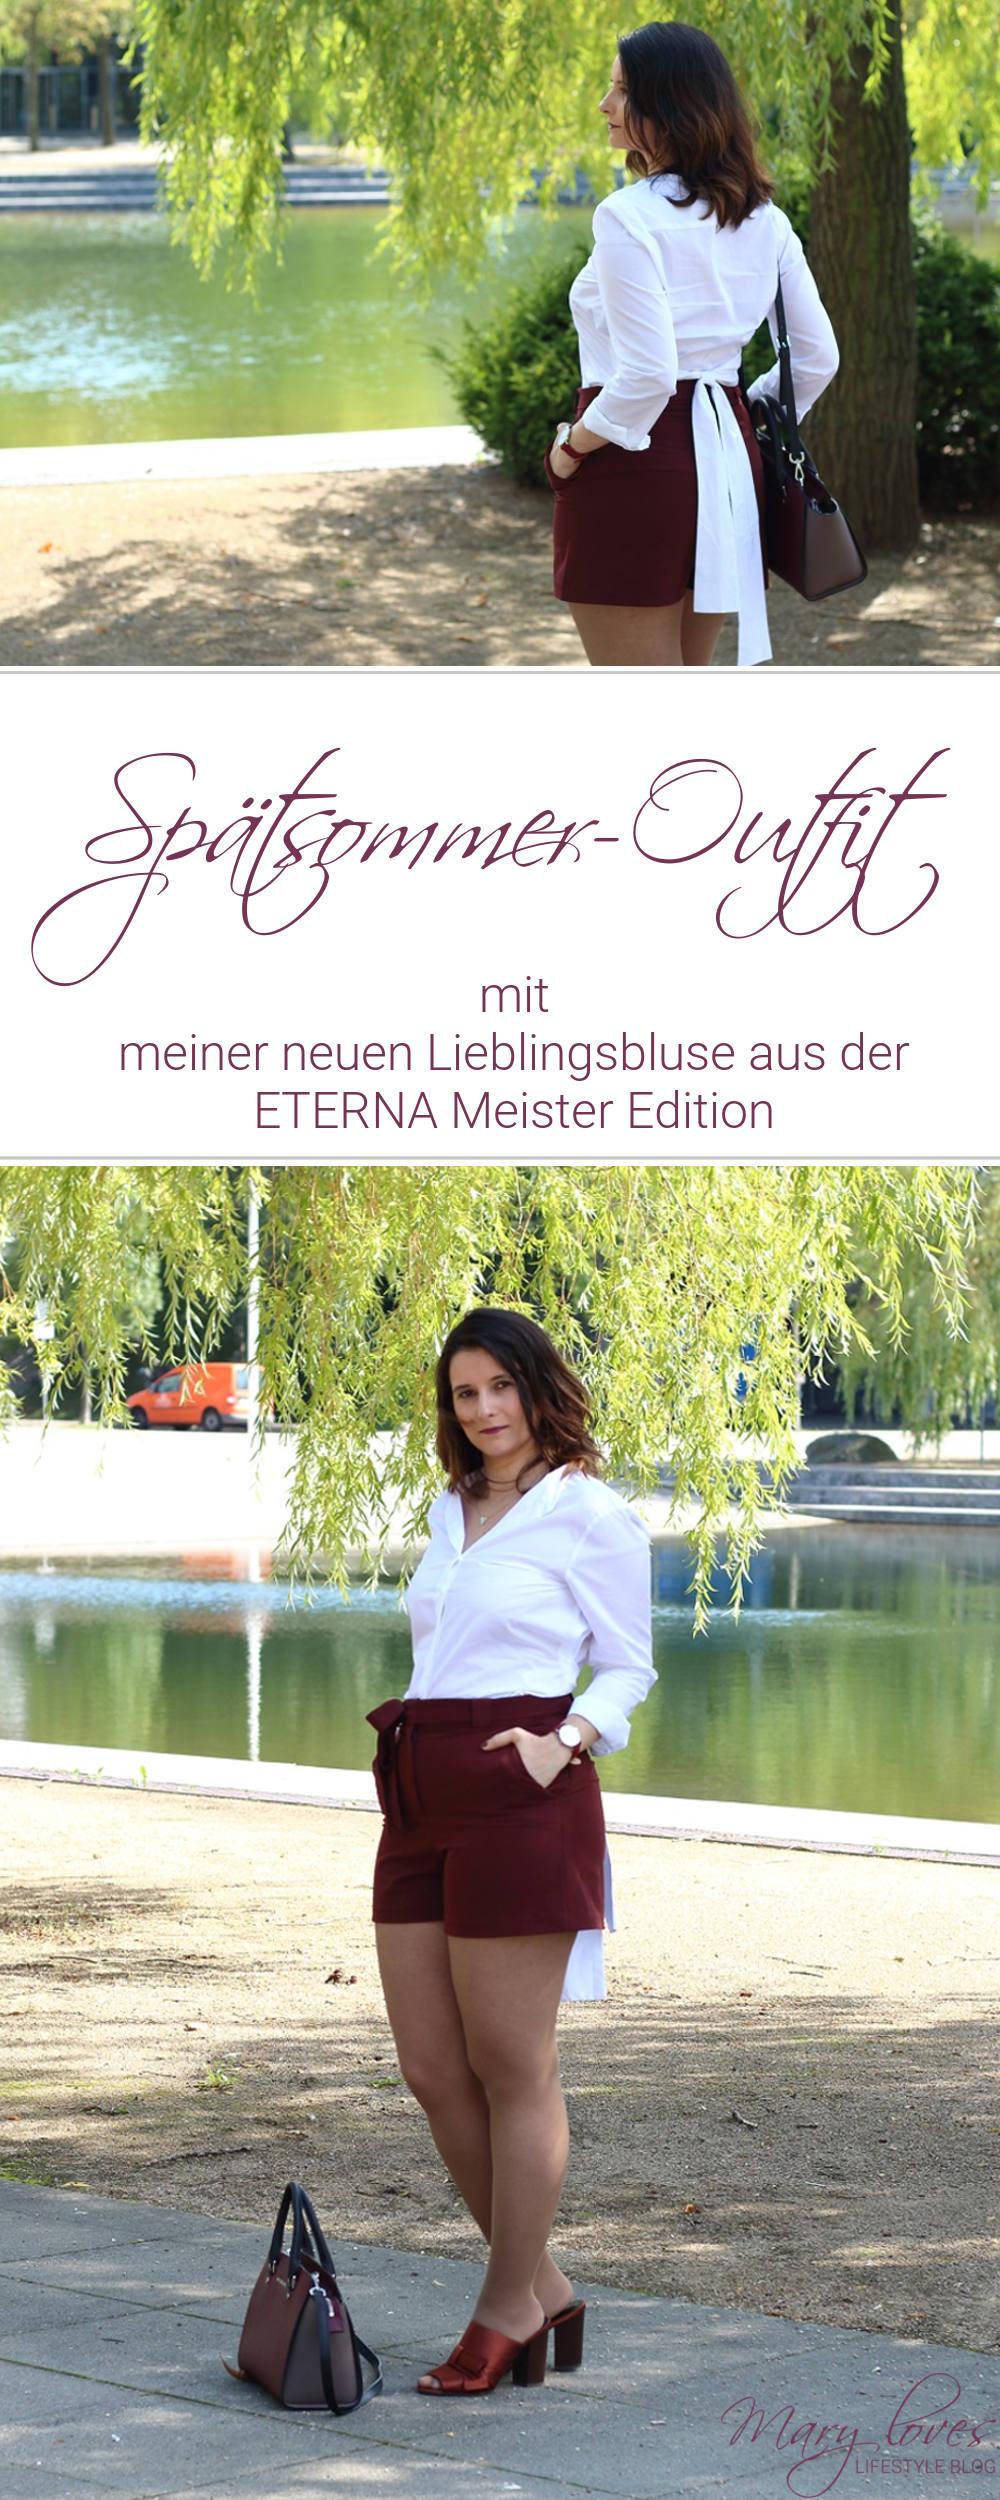 [Anzeige] Spätsommer-Outfit mit meiner neuen Lieblingsbluse aus der ETERNA Meister Edition